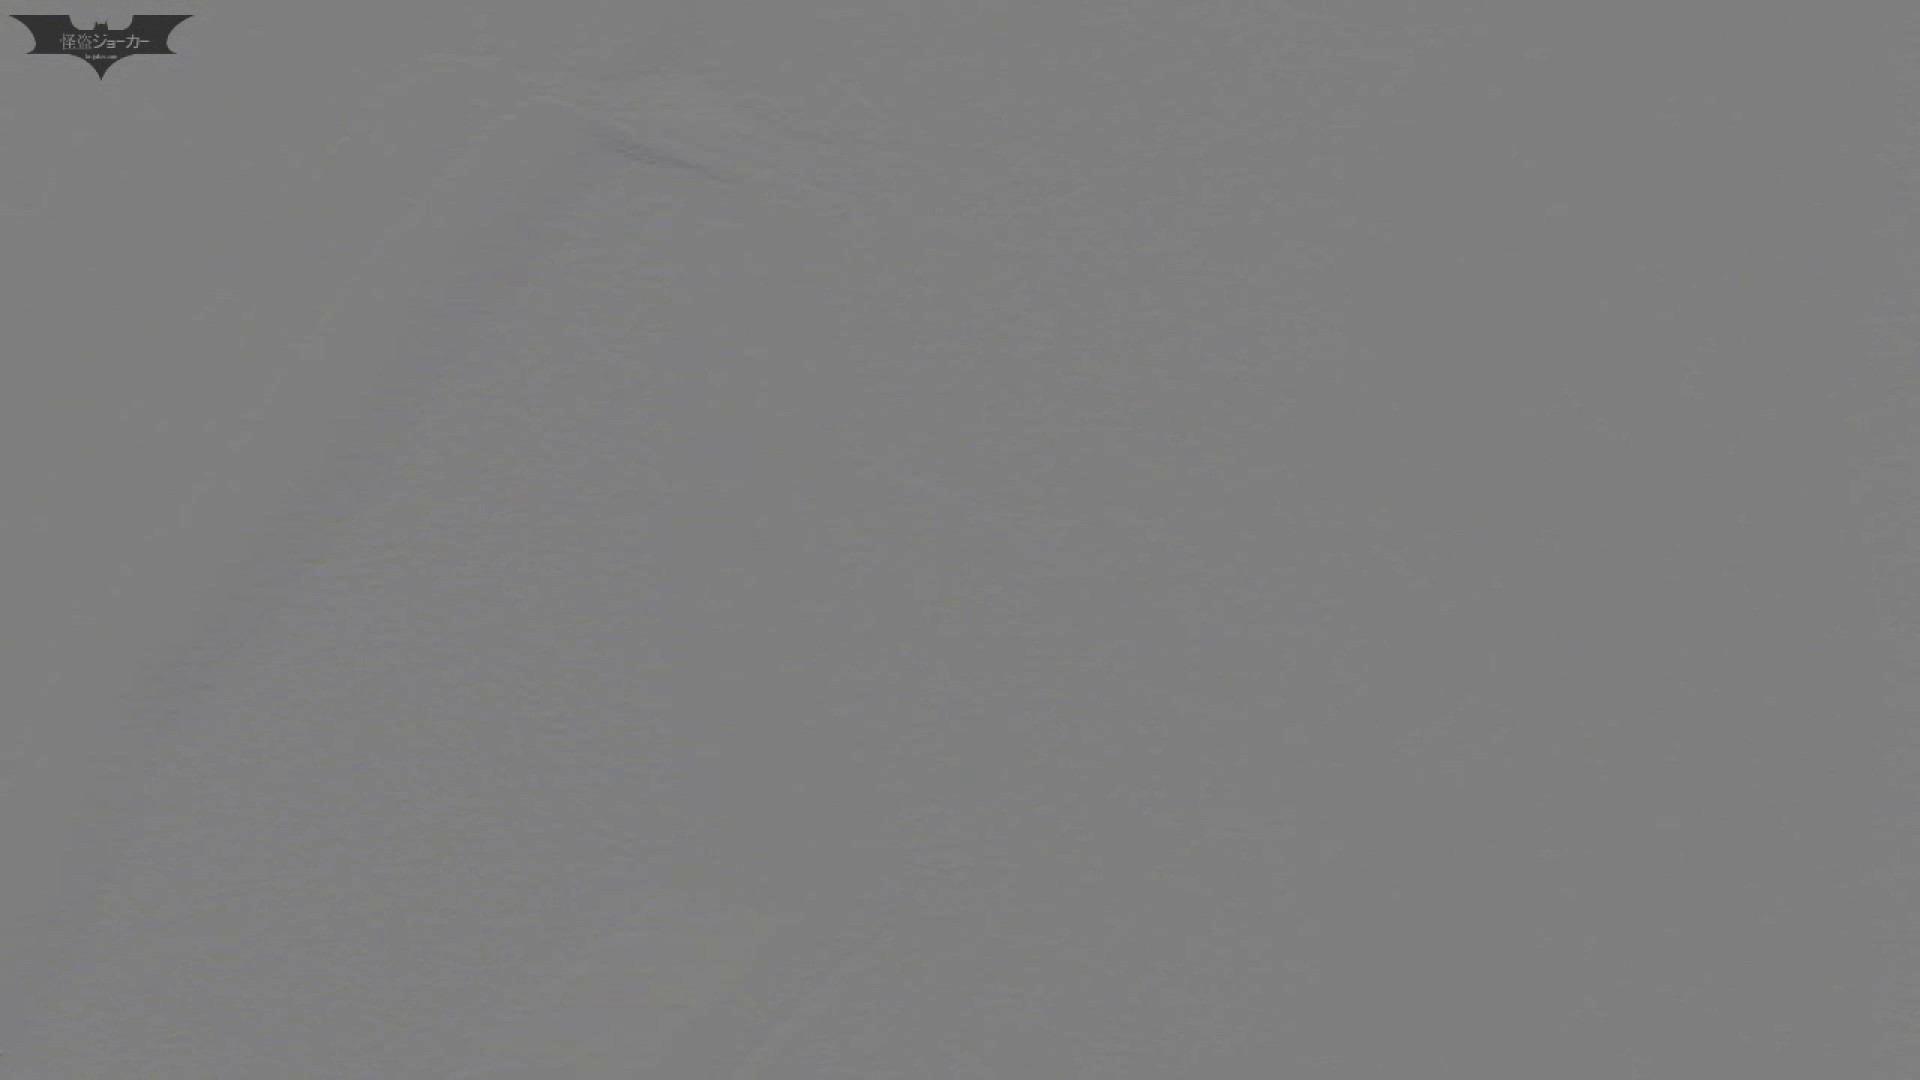 【期間・個数限定配信】 マンコ丸見え!第三体育館潜入撮File001 丸出しマンコ 性交動画流出 43連発 12